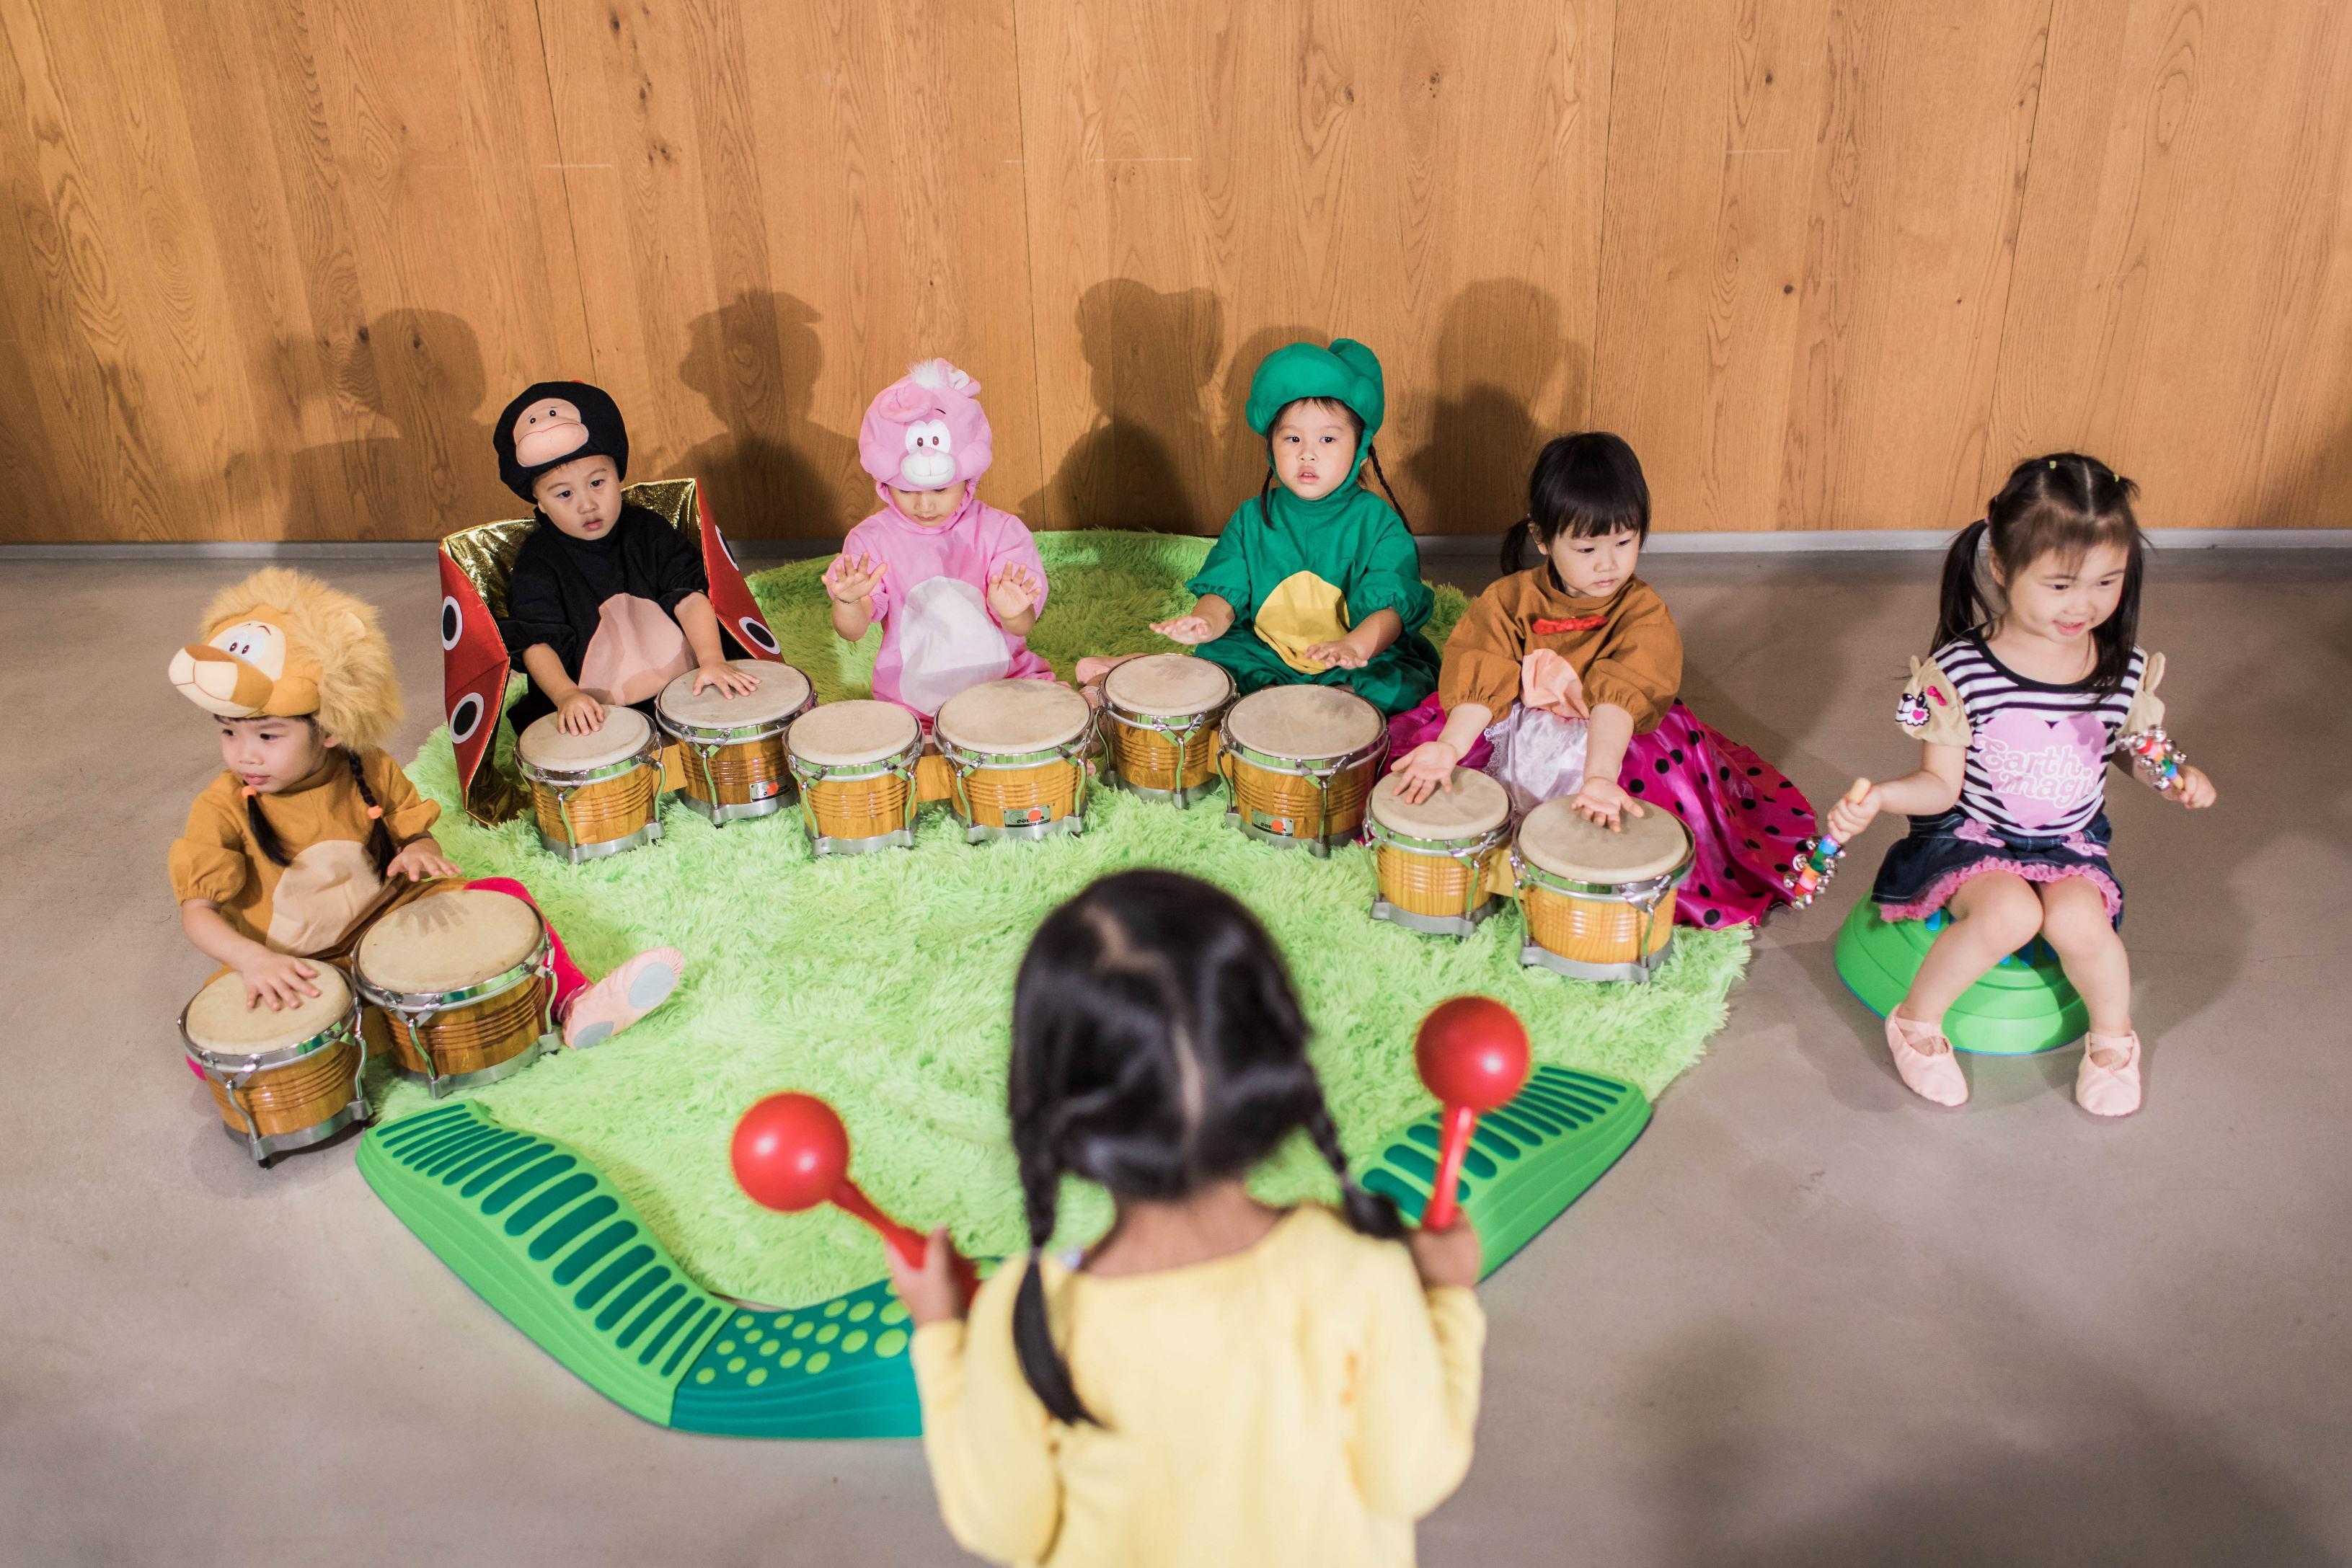 音乐启蒙好处多,这样培养宝宝音乐天赋